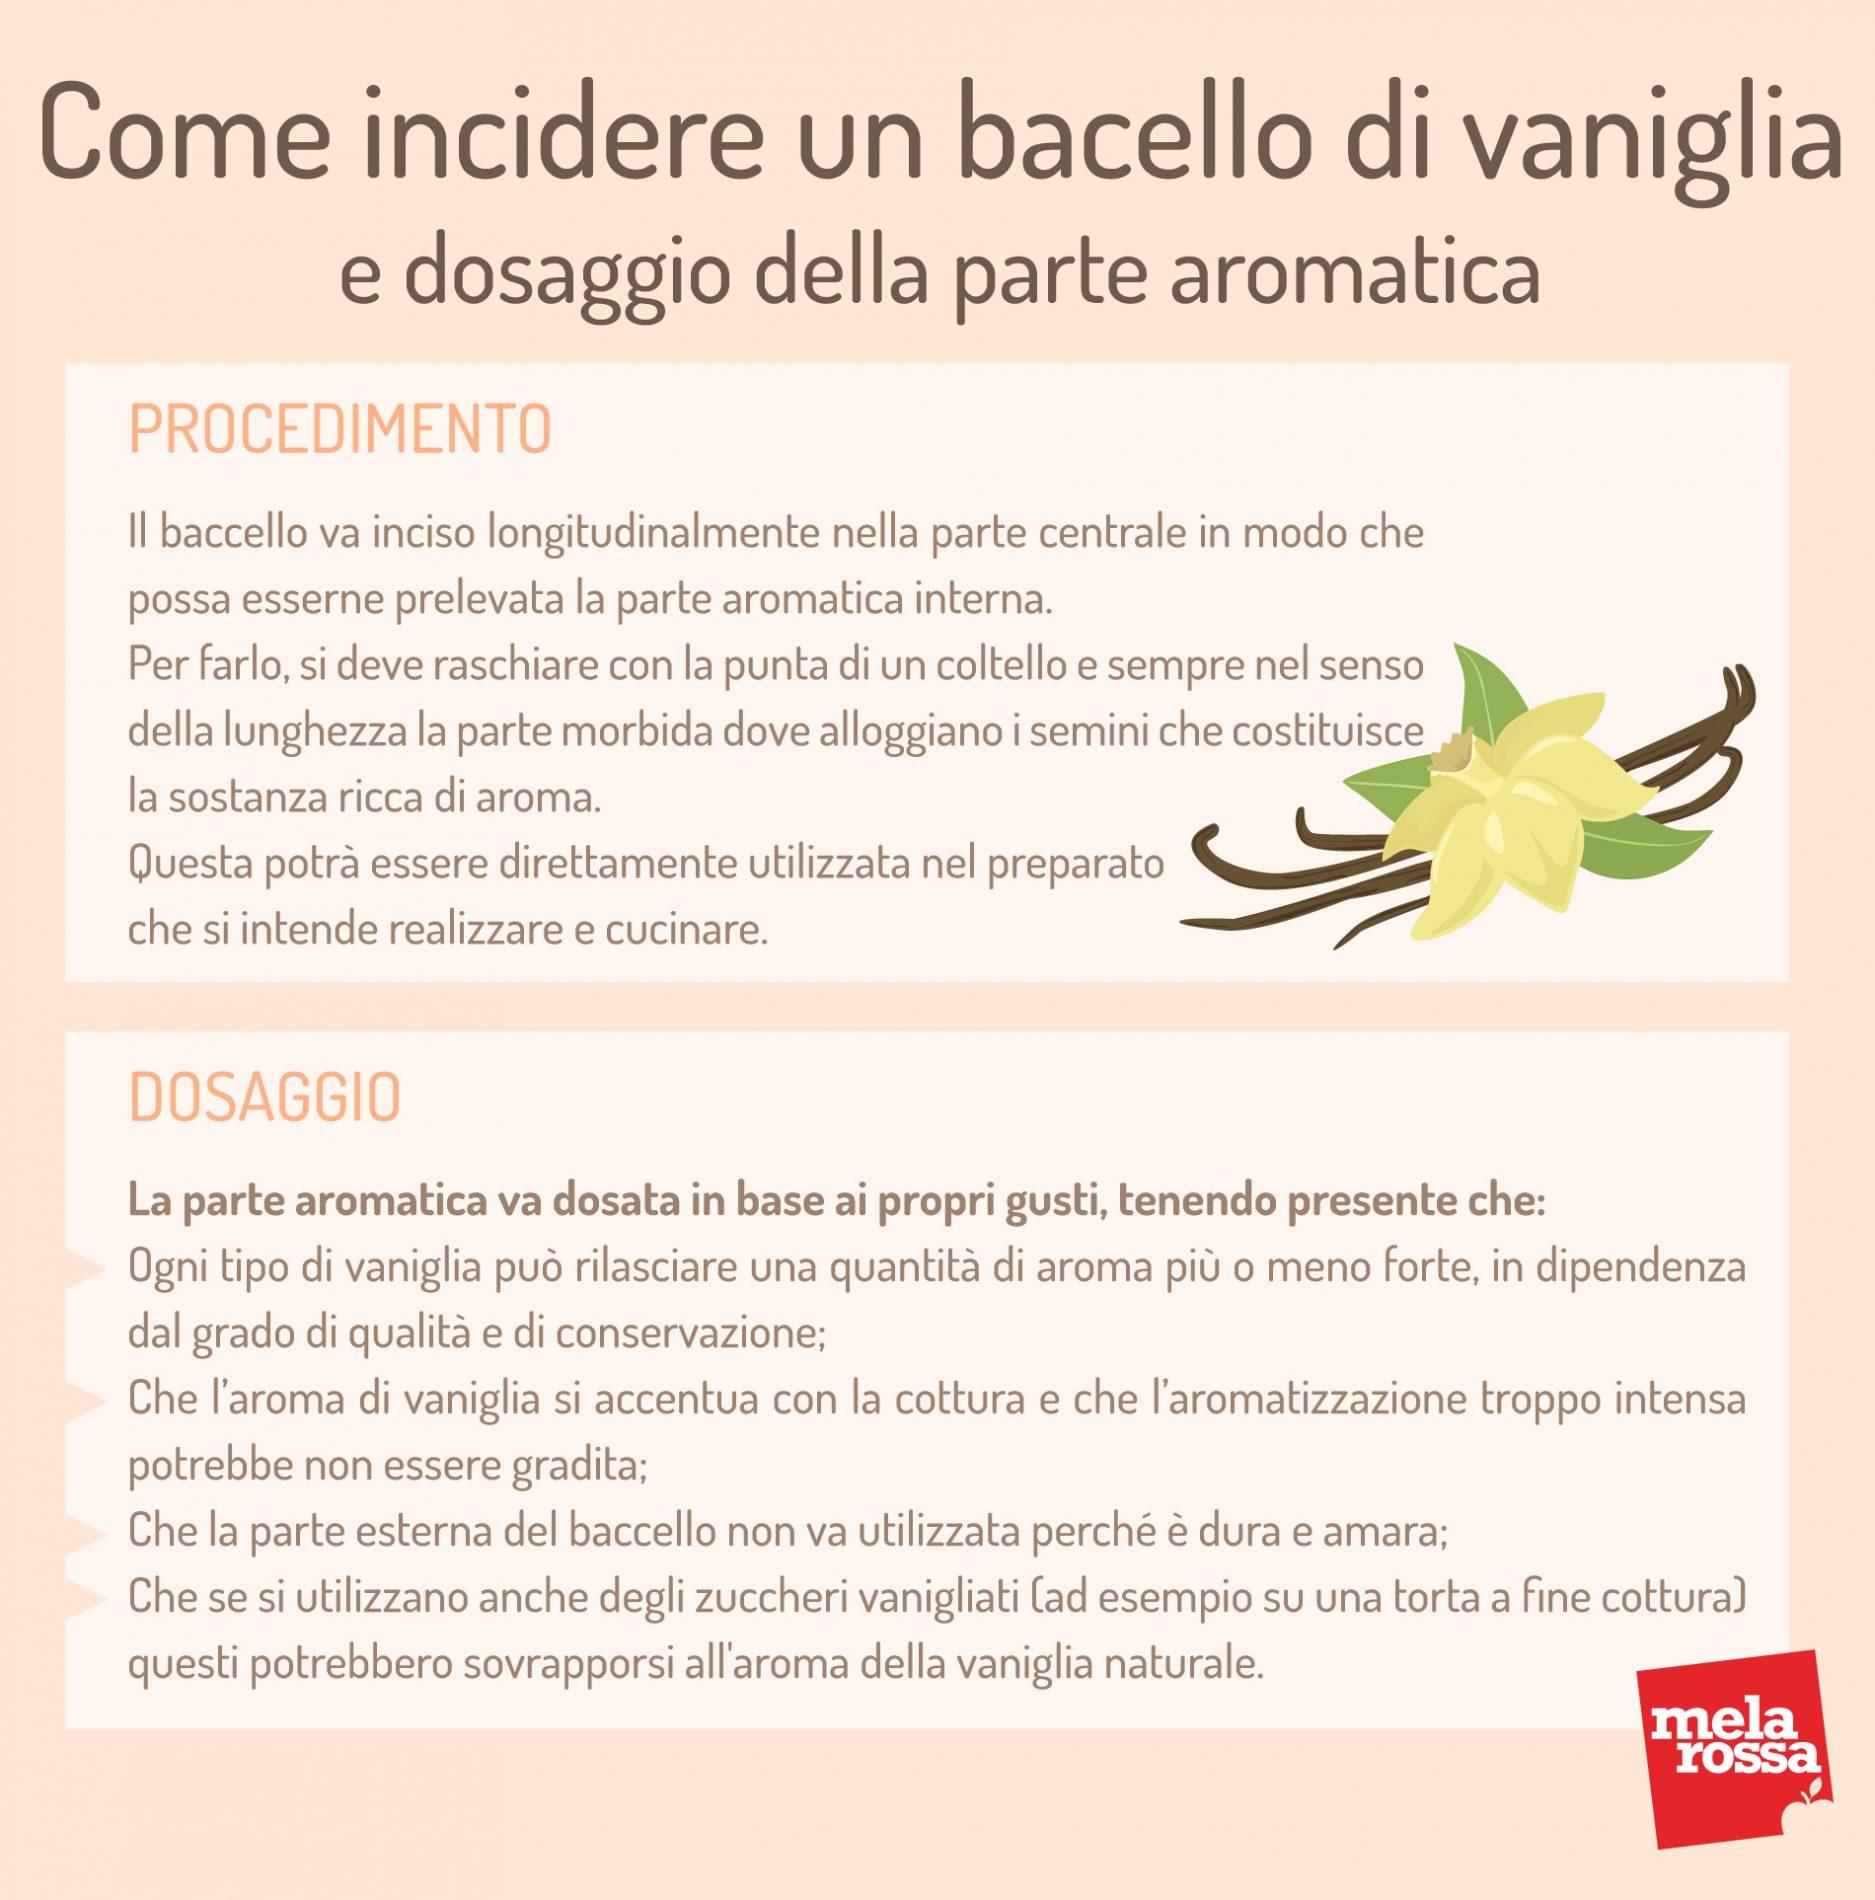 Come incidere un baccello di vaniglia